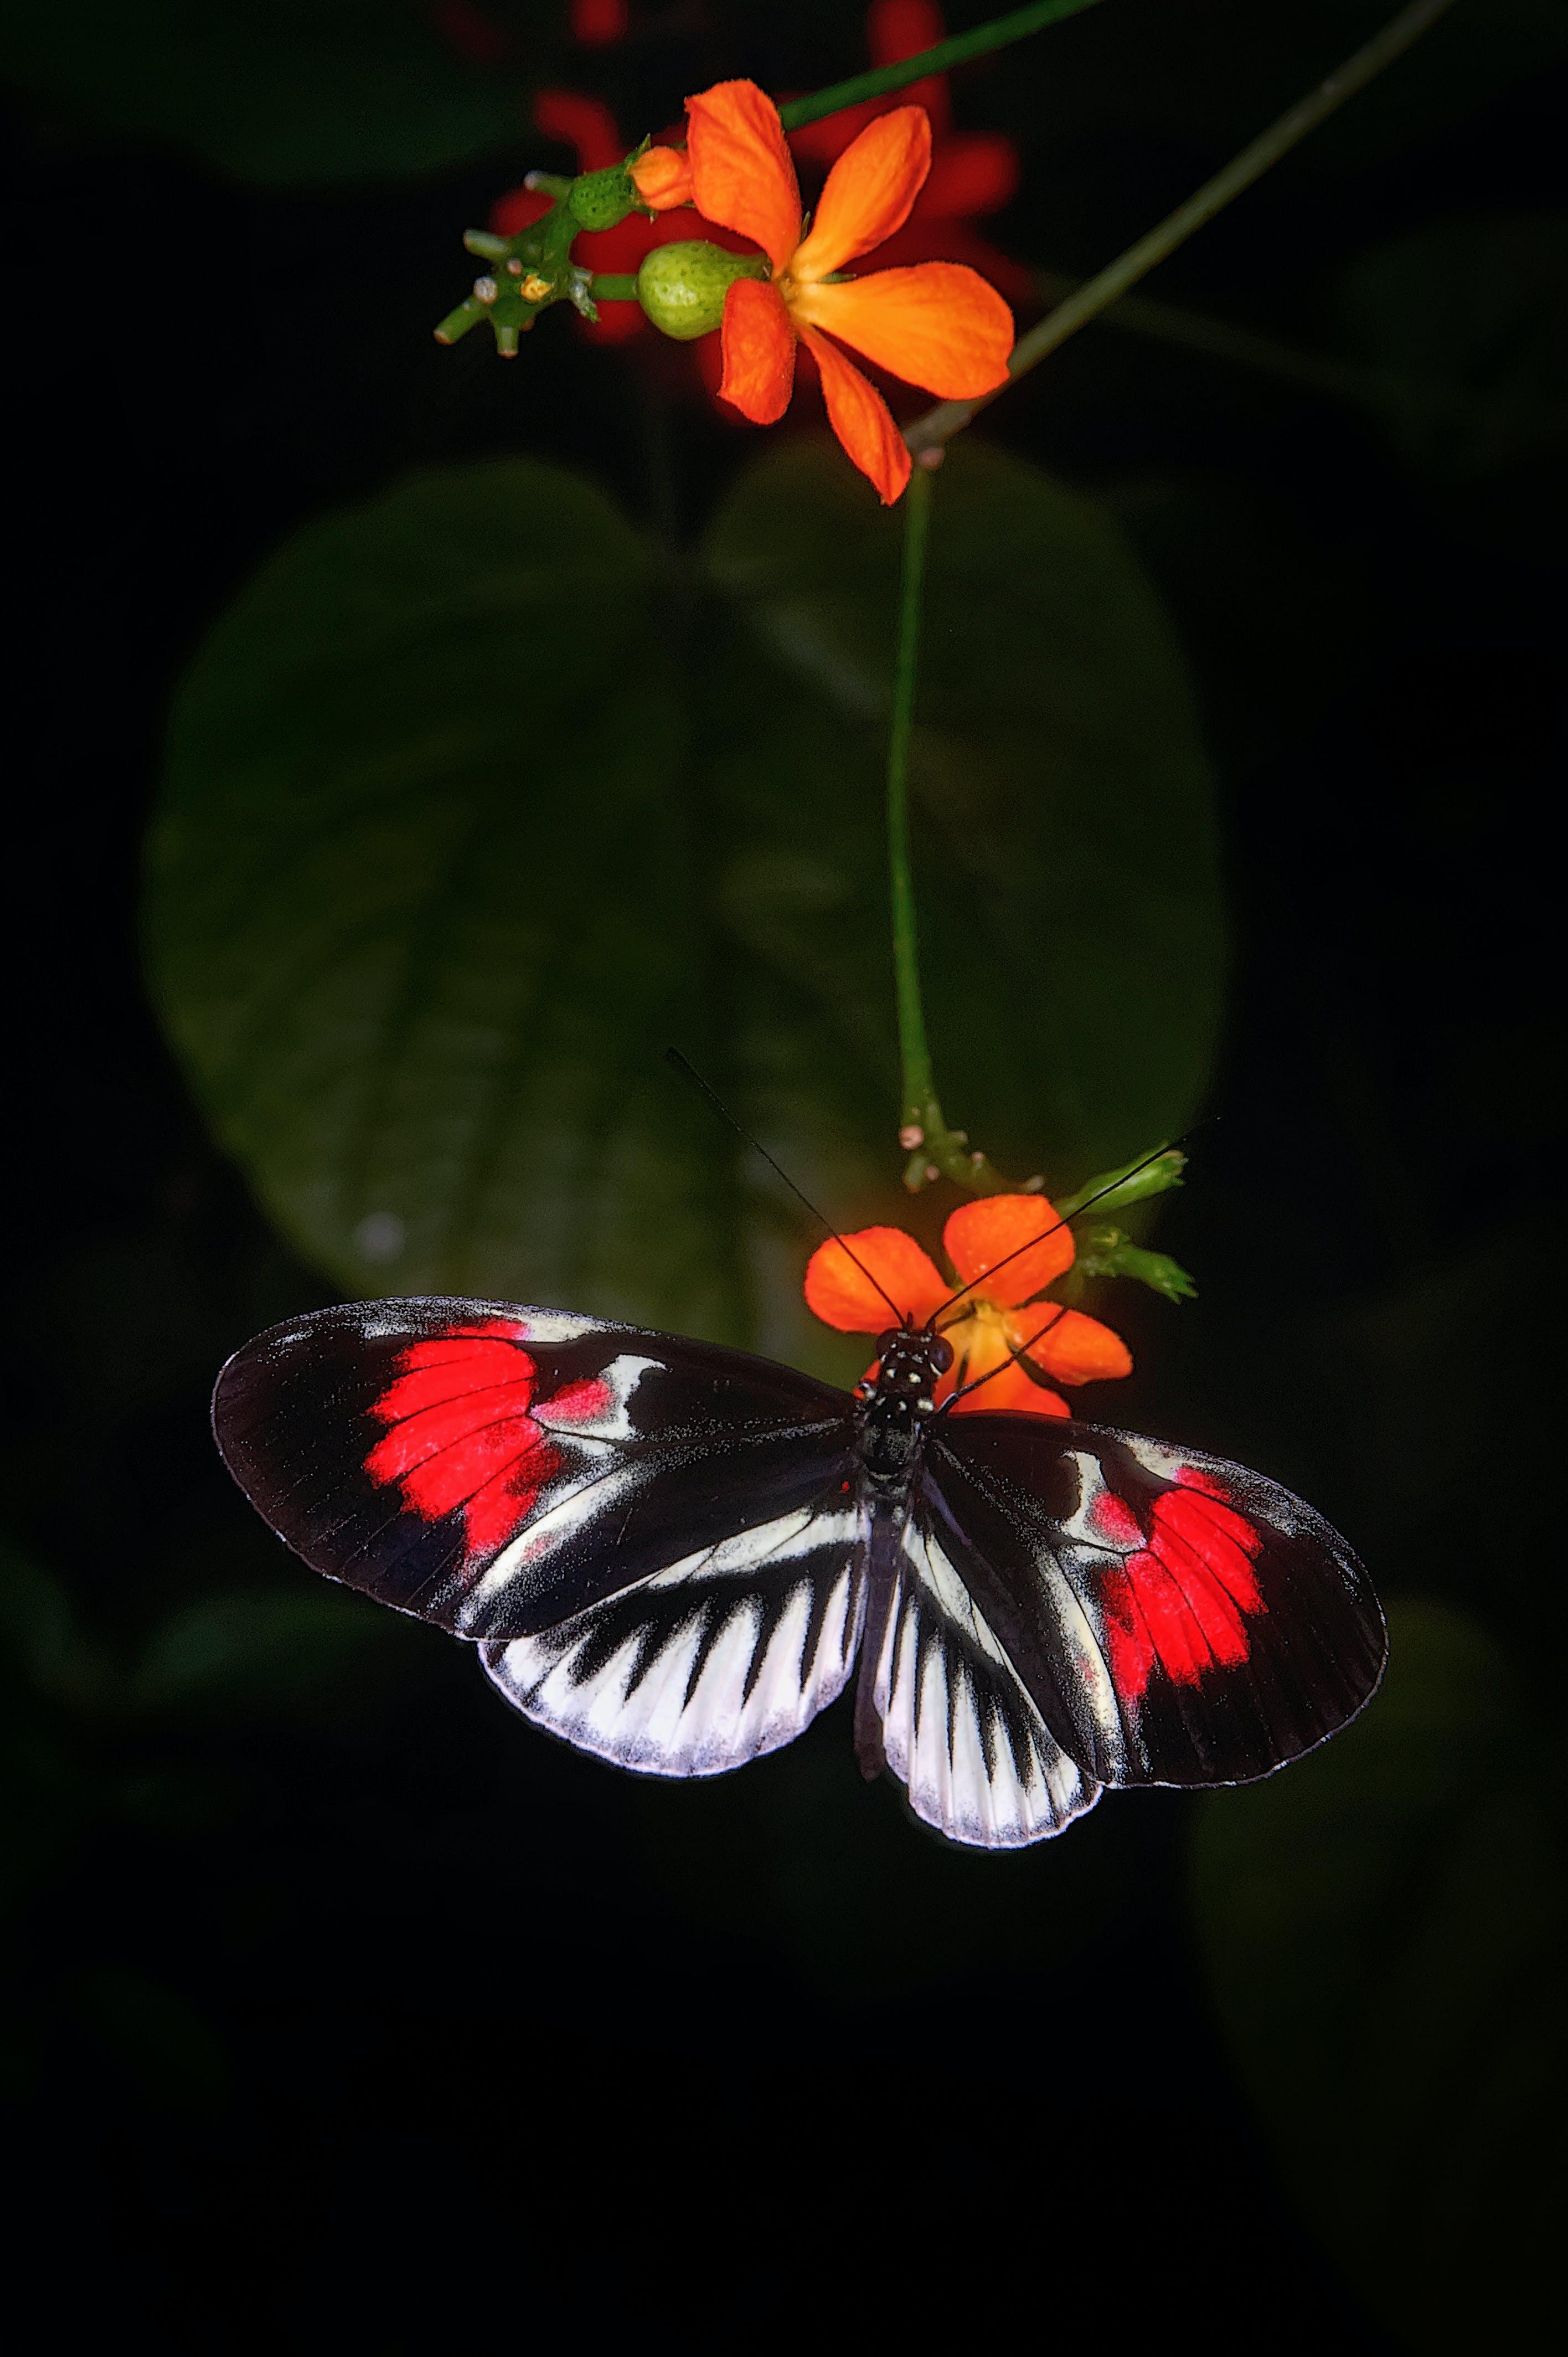 Gratis lagerfoto af bestøvning, blomster, blomstrende, close-up